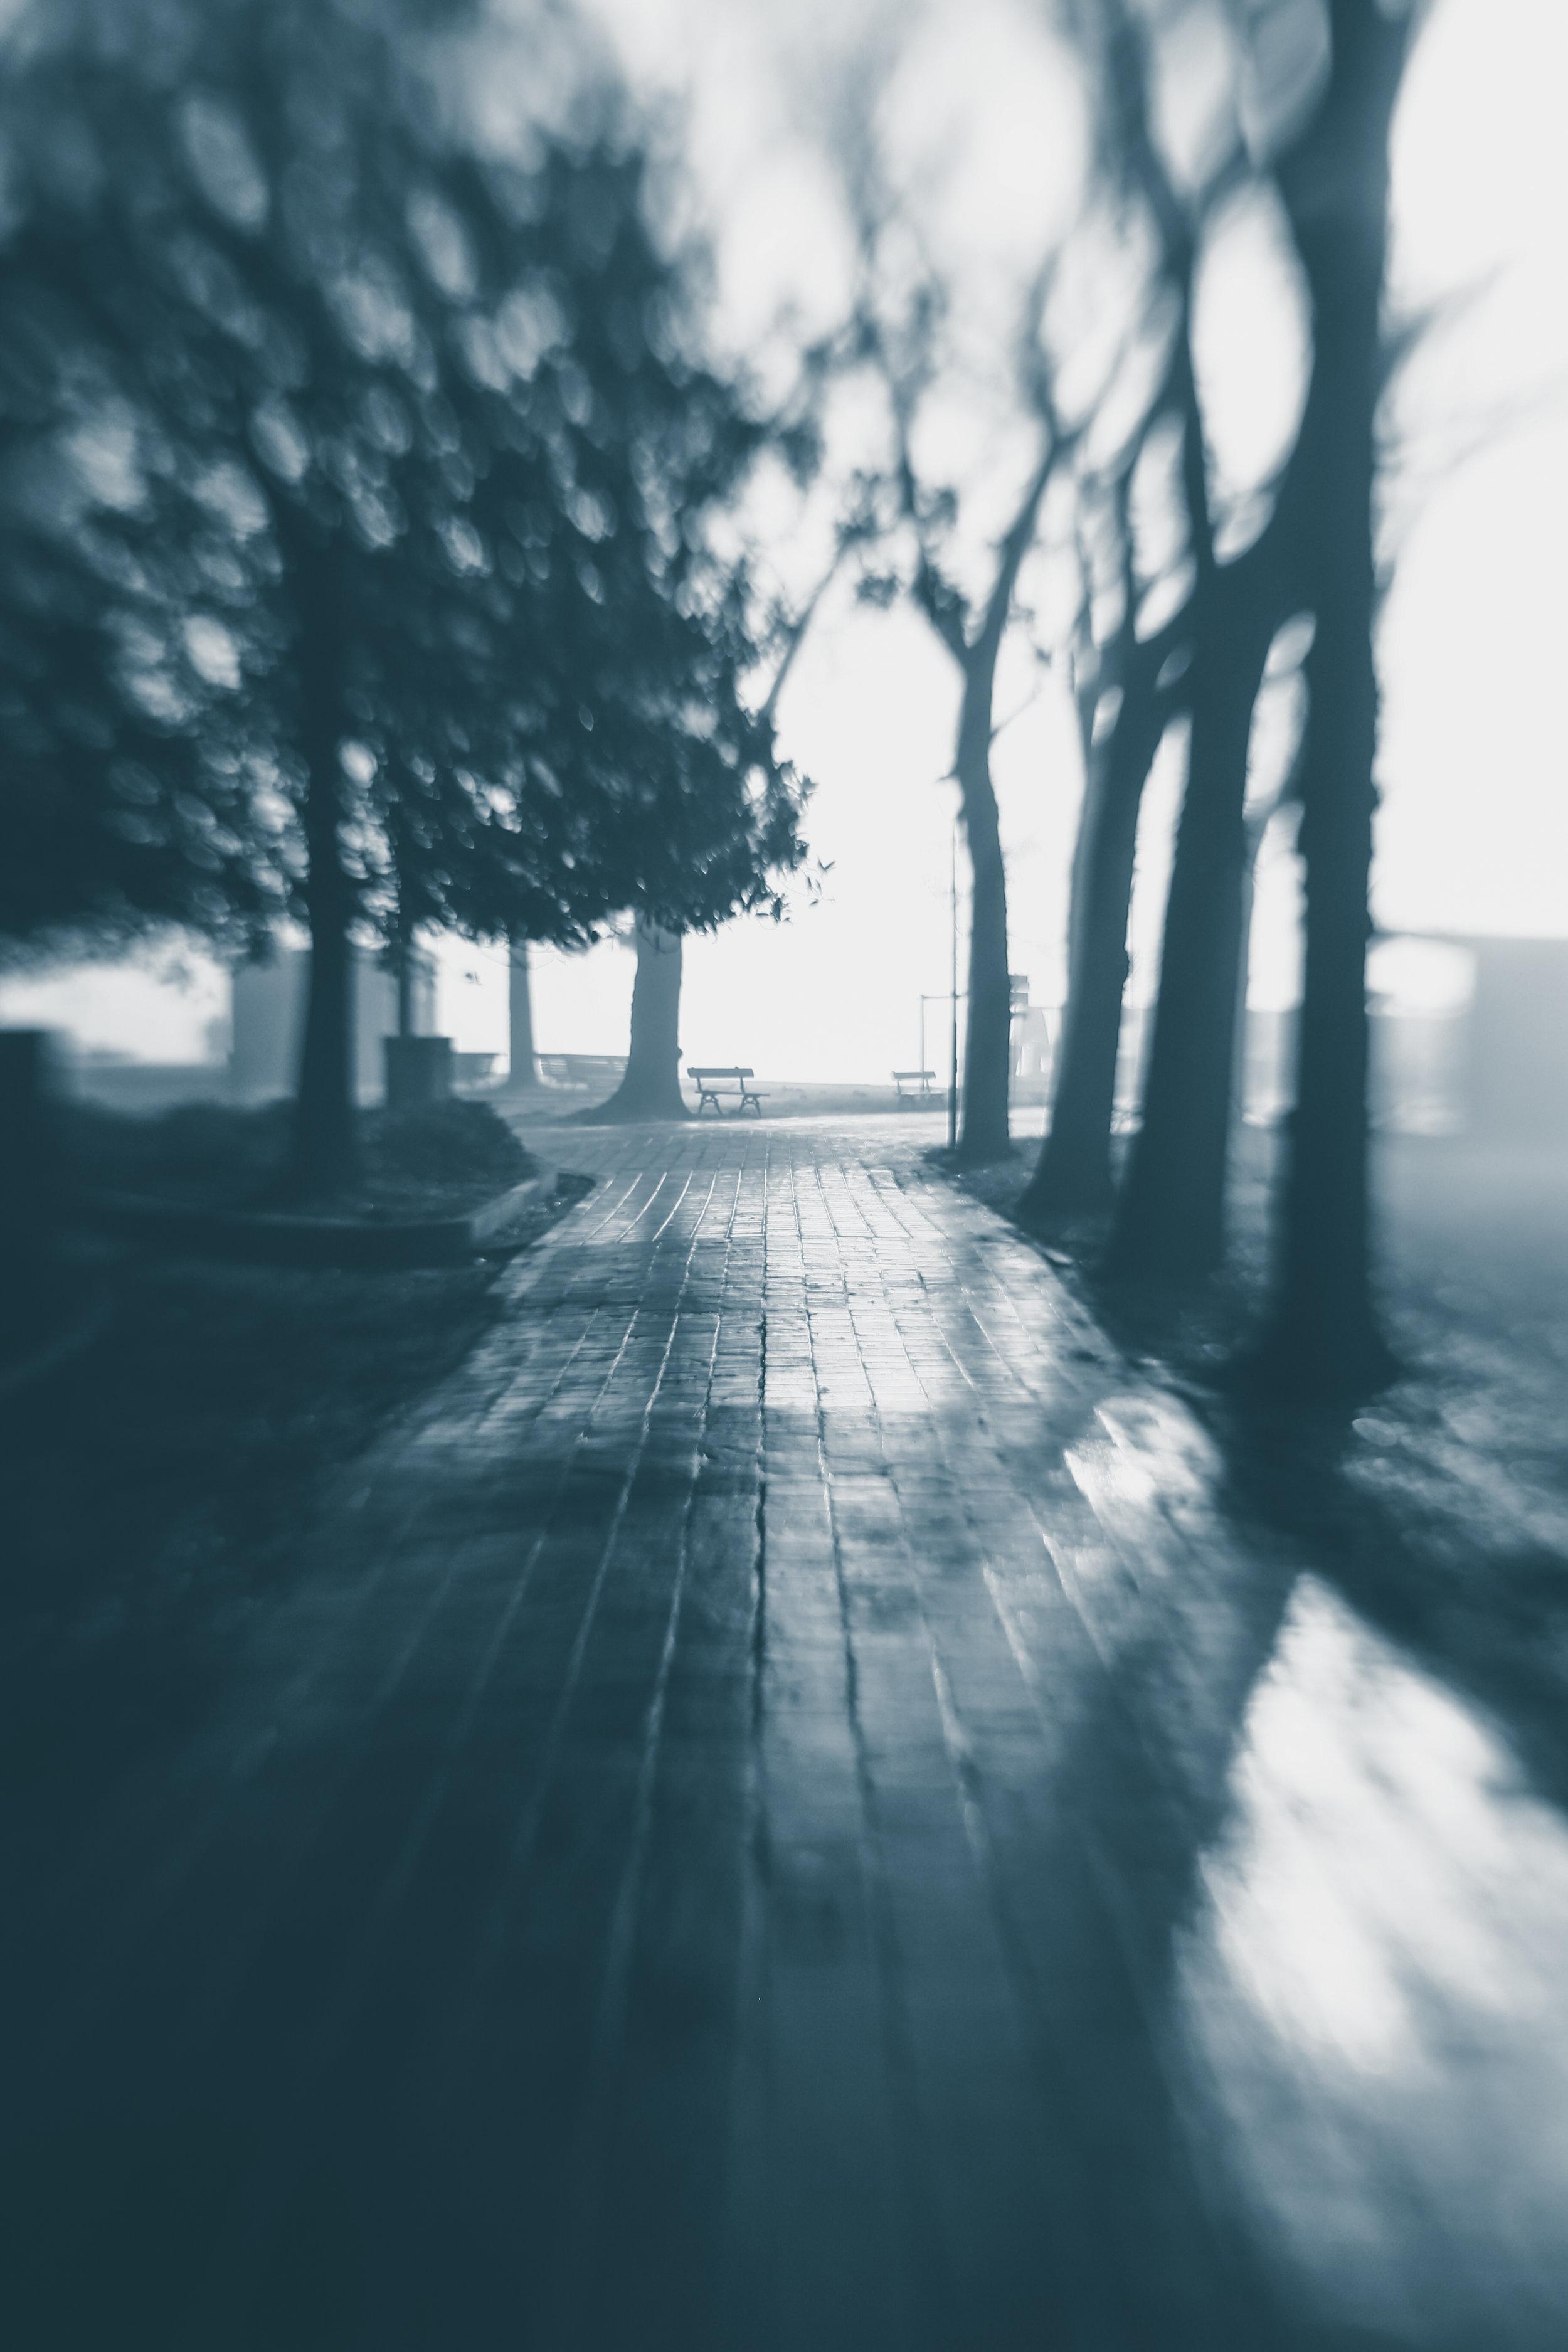 20181229_veniceLB_castello_fog-94.jpg